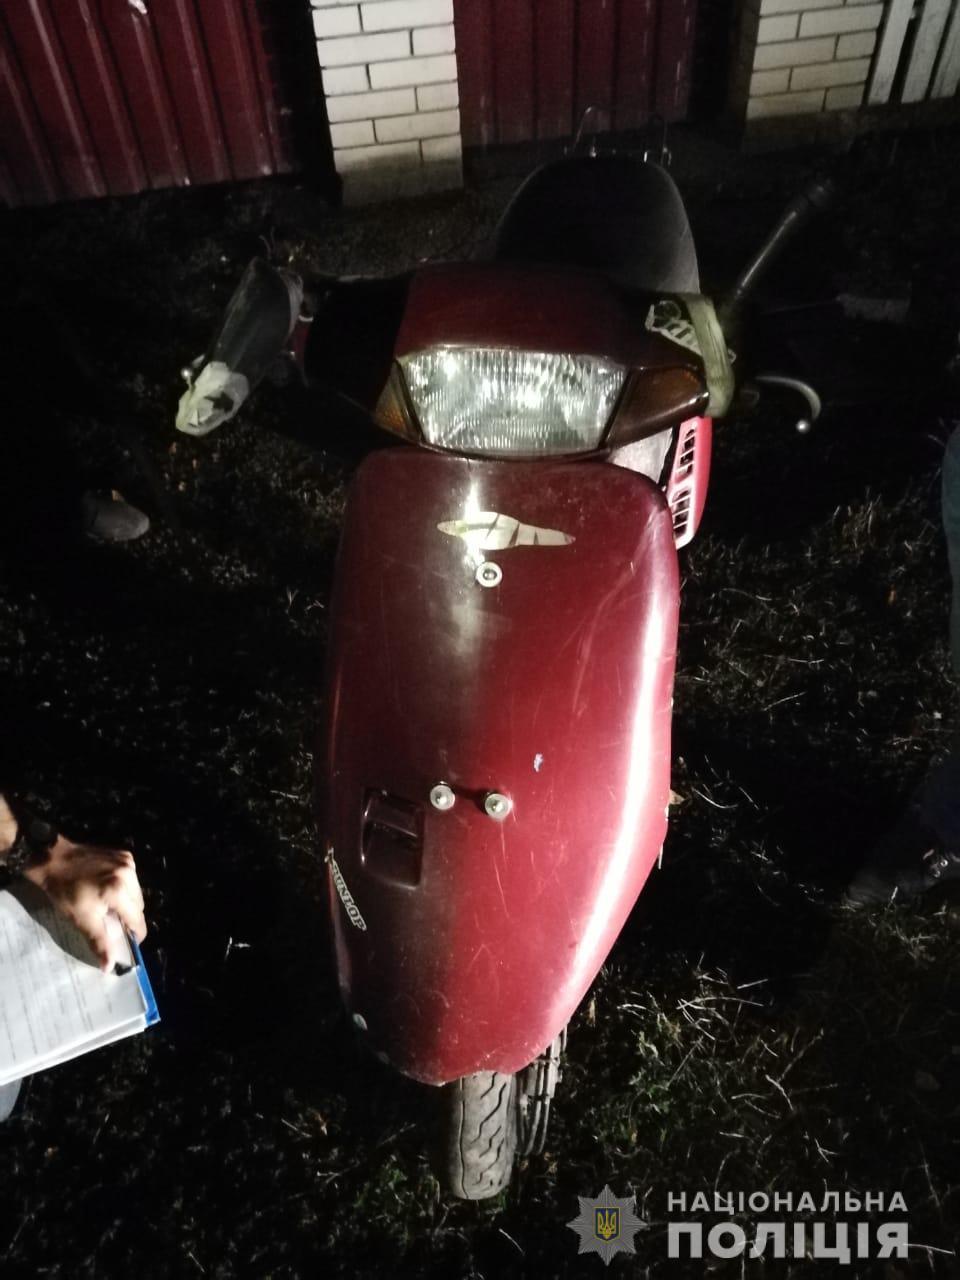 Зловмиснику, що викрав мопед на Обухівщині світить до 5 років -  - eujy1